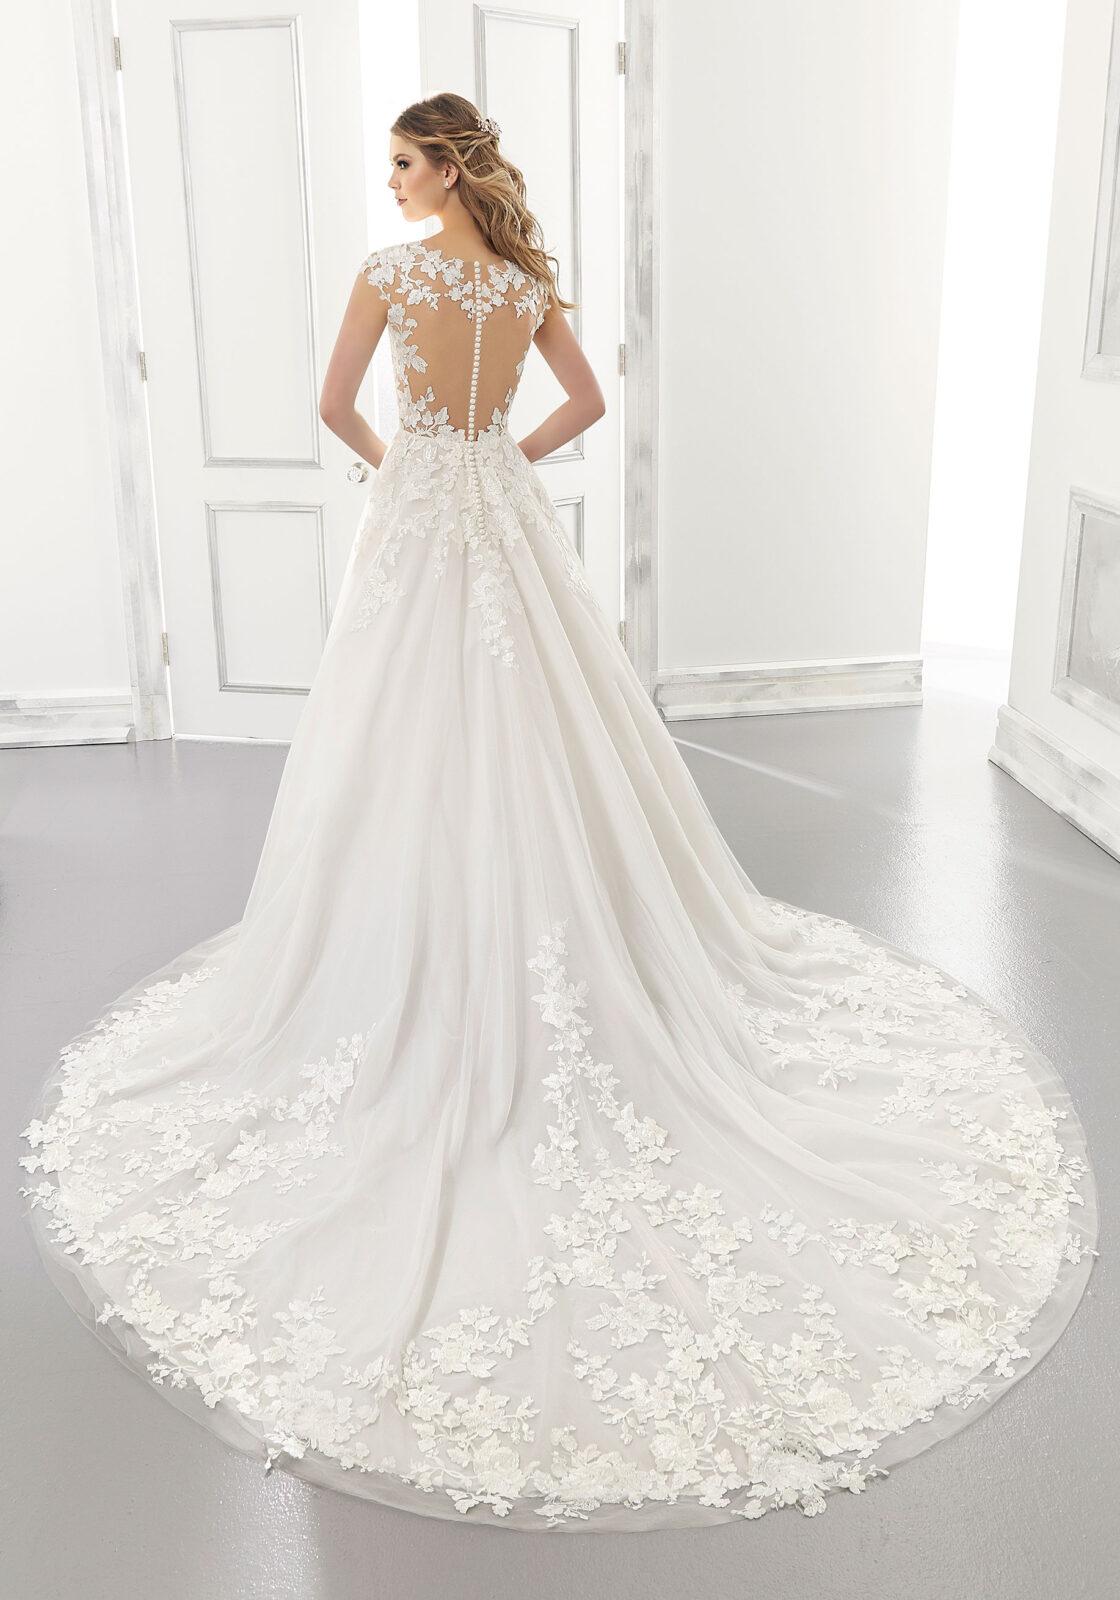 morilee-bridal-gown-08.jpg